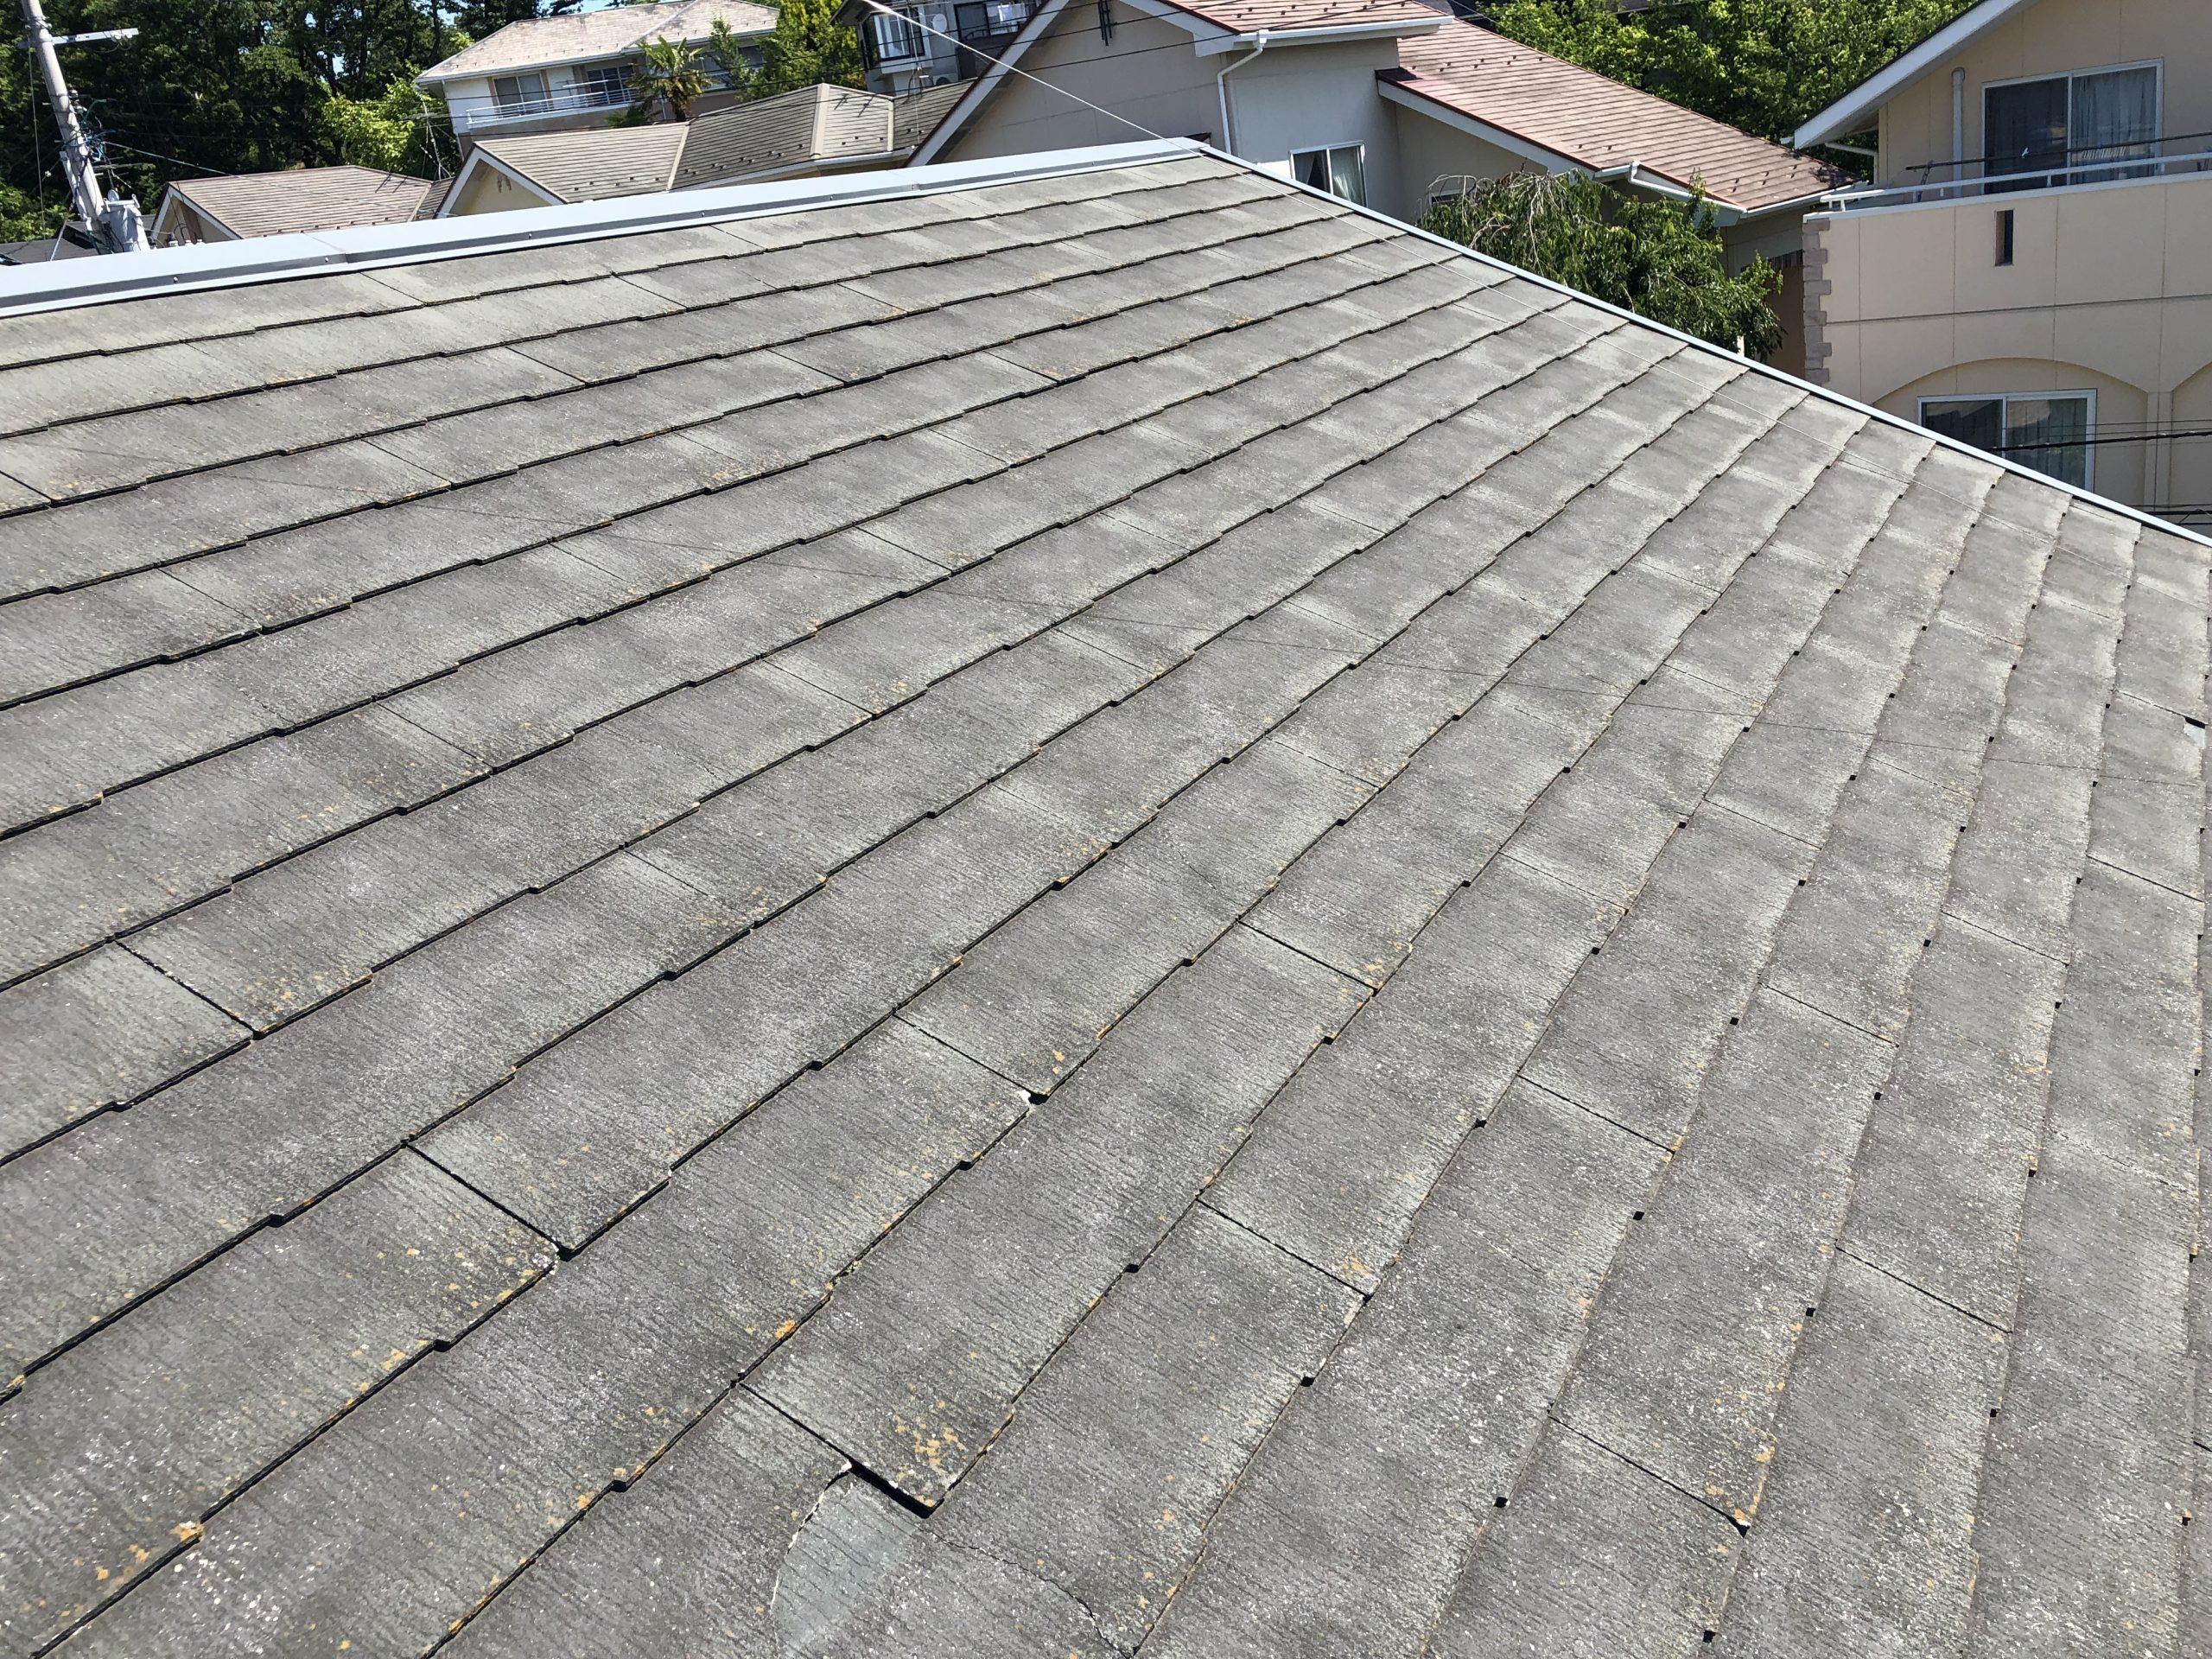 岩沼市でスレート屋根調査 ドローン併用で屋根の状態を見ていきます